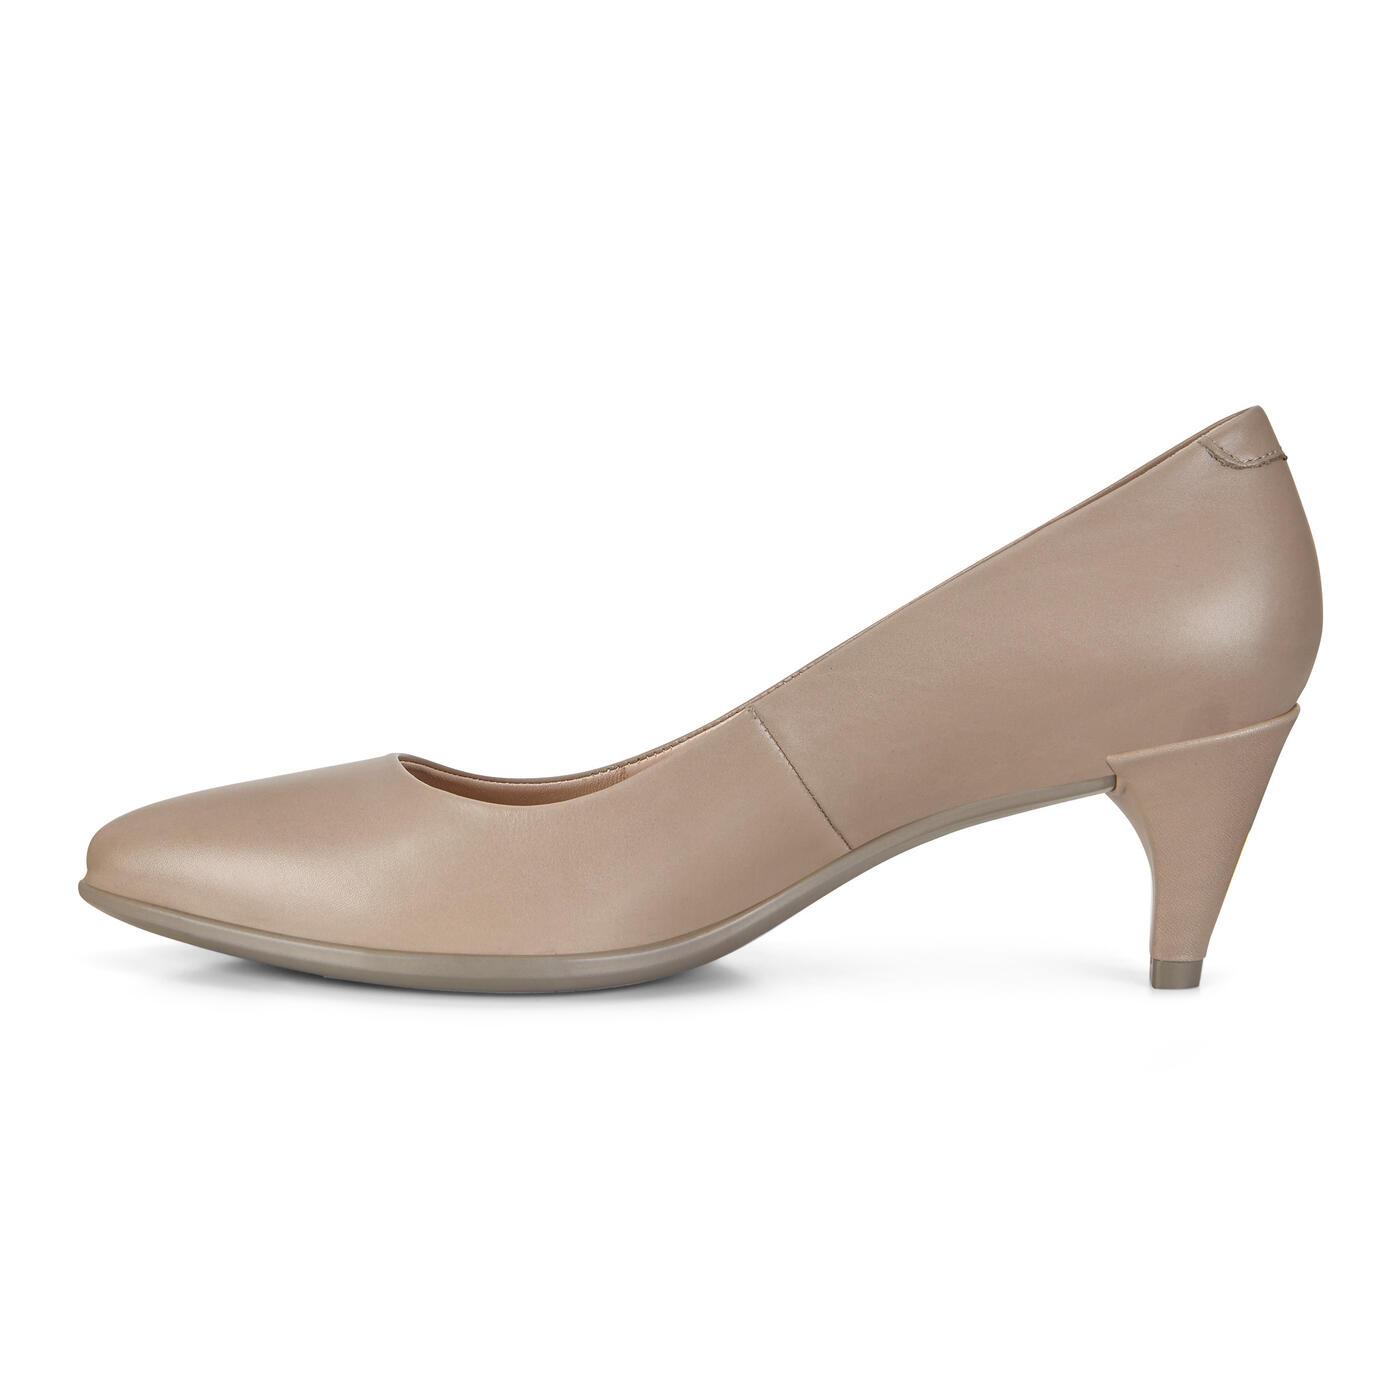 ECCO Shape 45 Pointy Sleek Heels